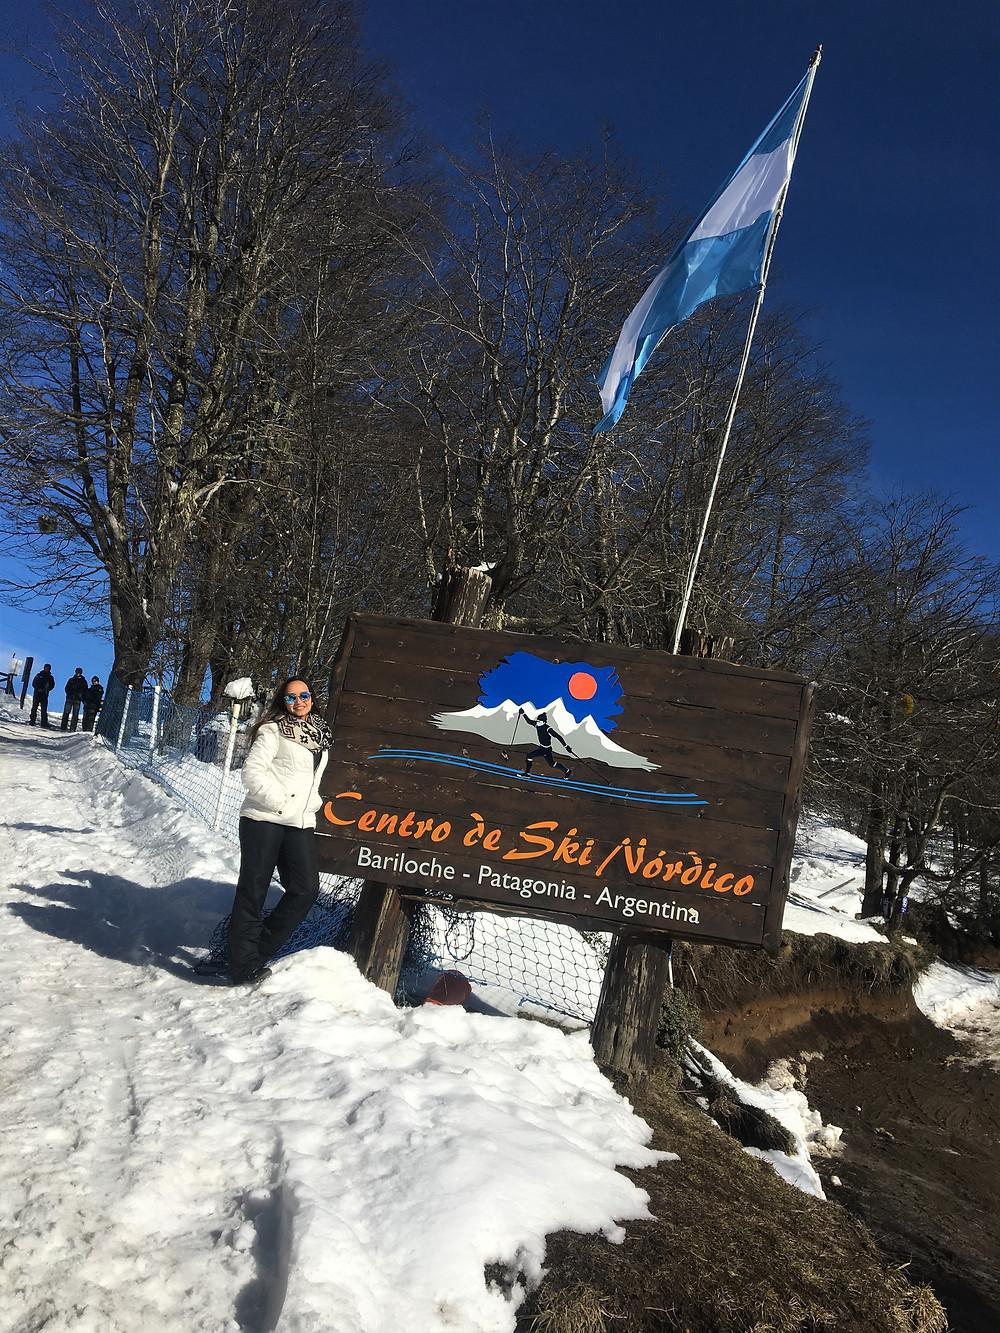 Viaje com Pouco - Ski Nordico - Bariloche, Argentina